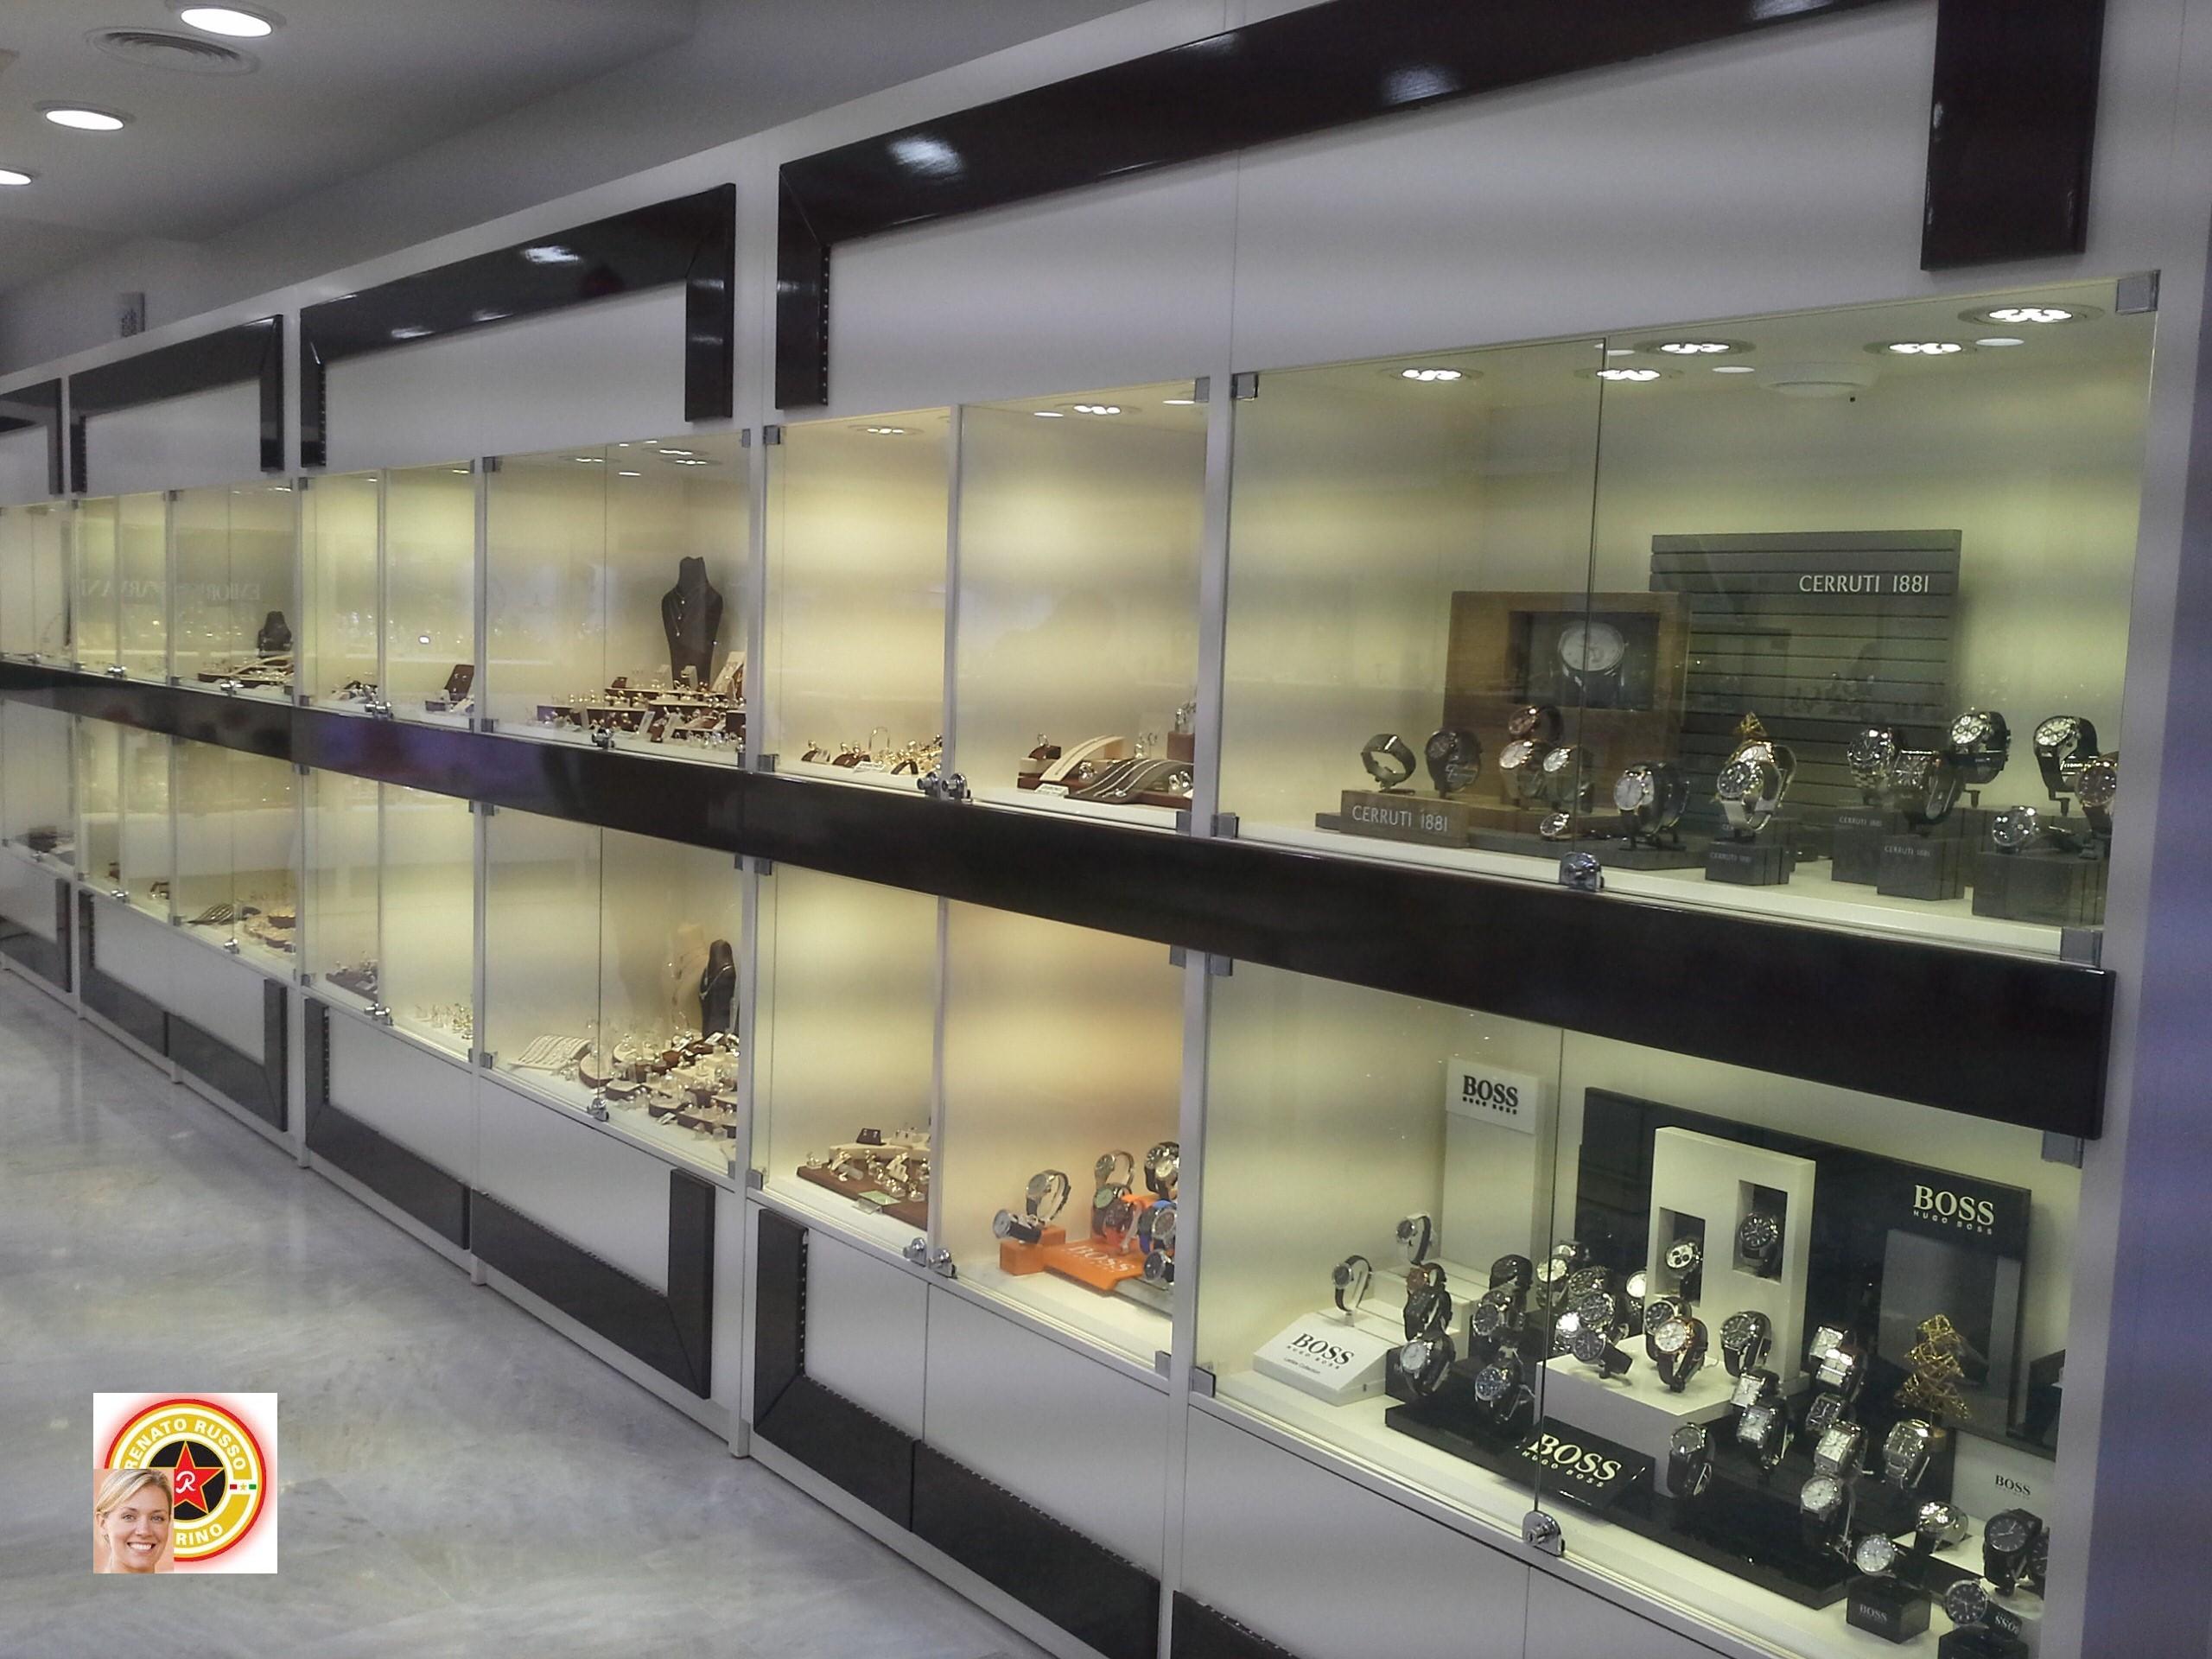 Negozi di design confalone arredamenti a roma dal negozi for Mainini arredamenti